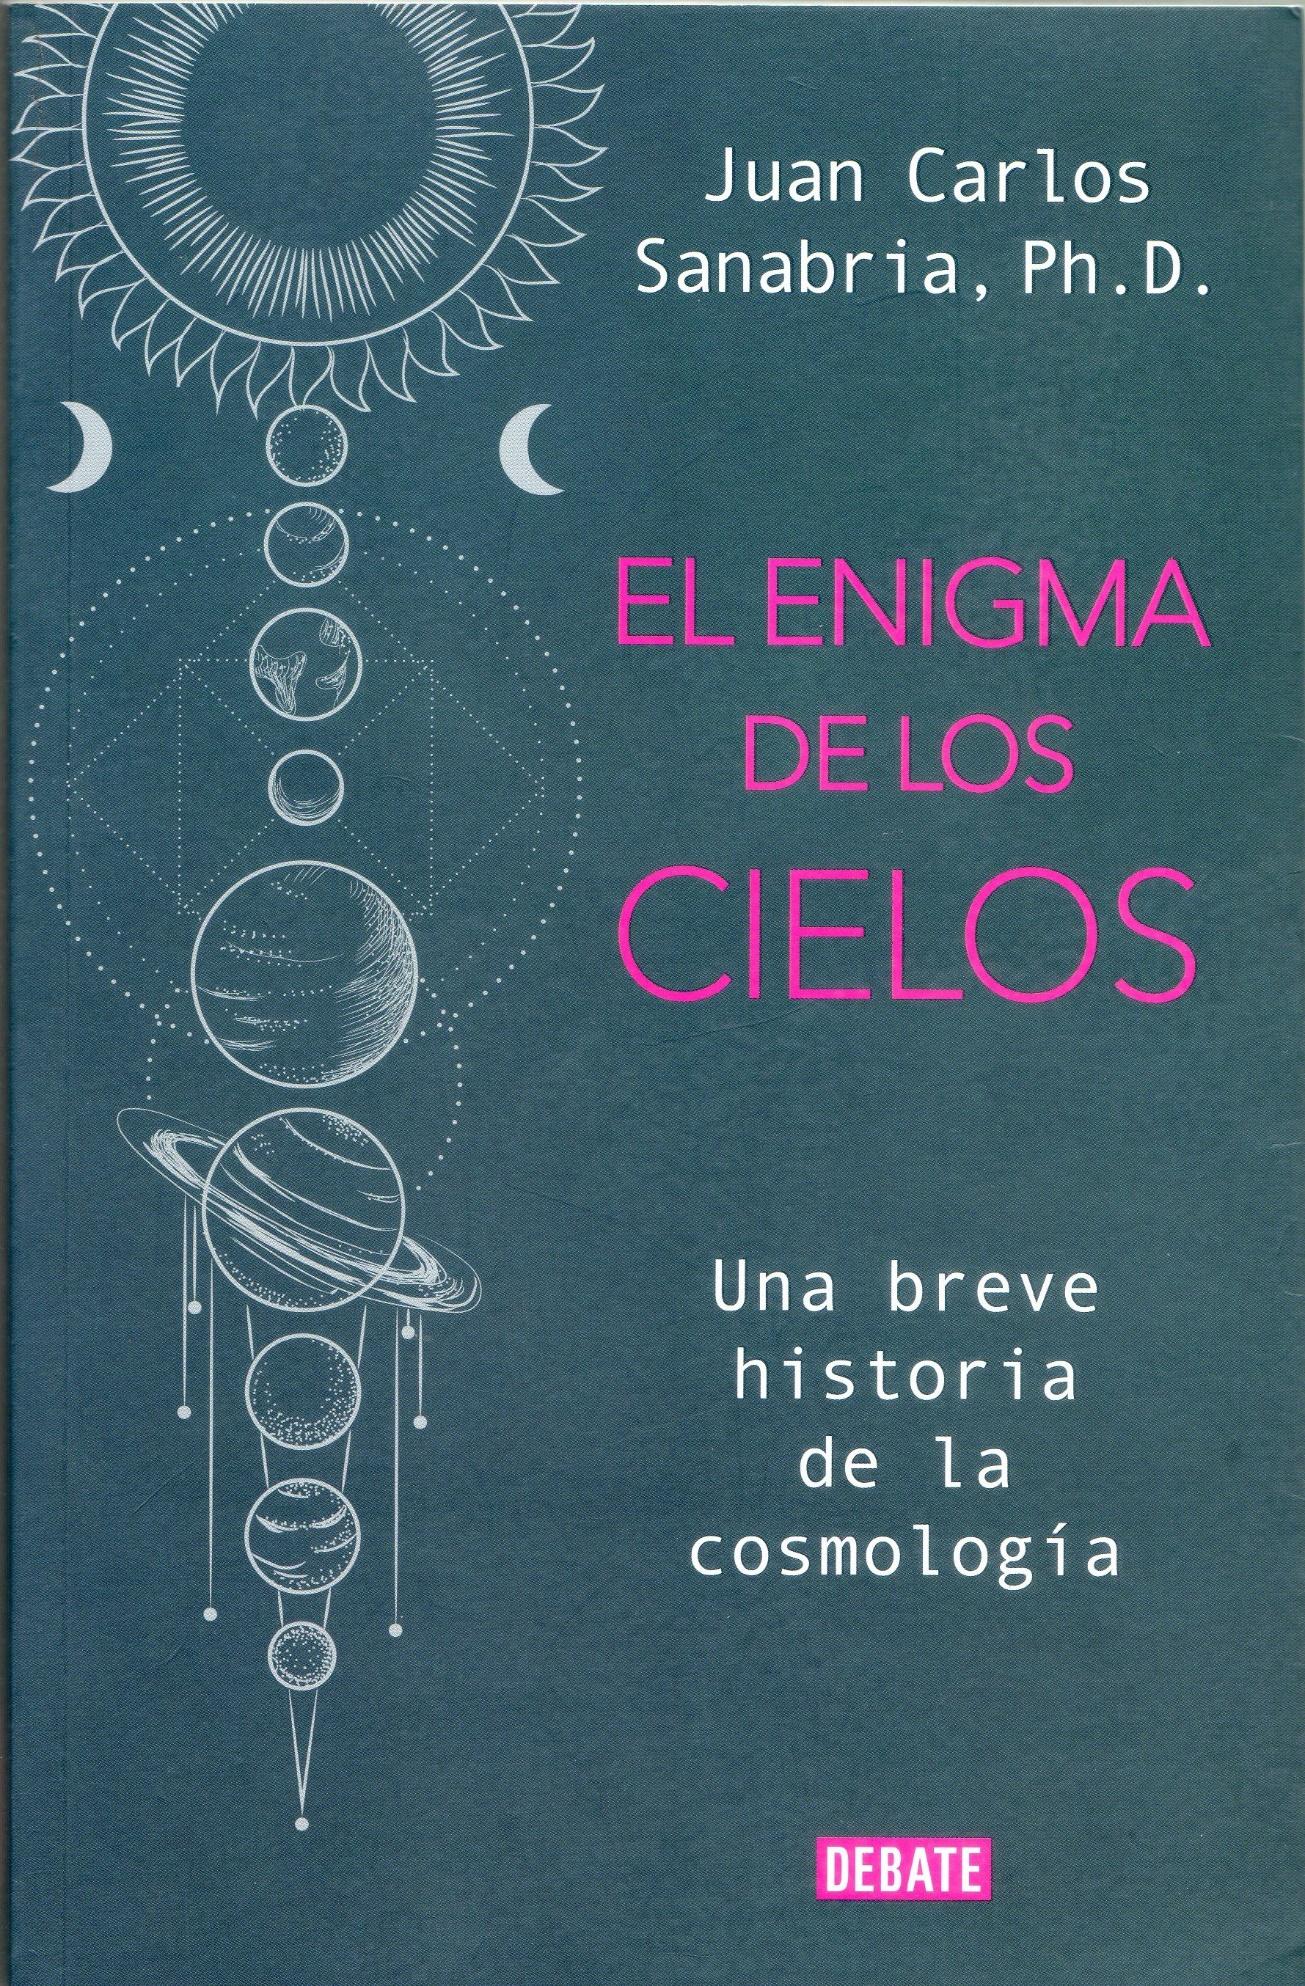 Conociendo la historia de los cielos